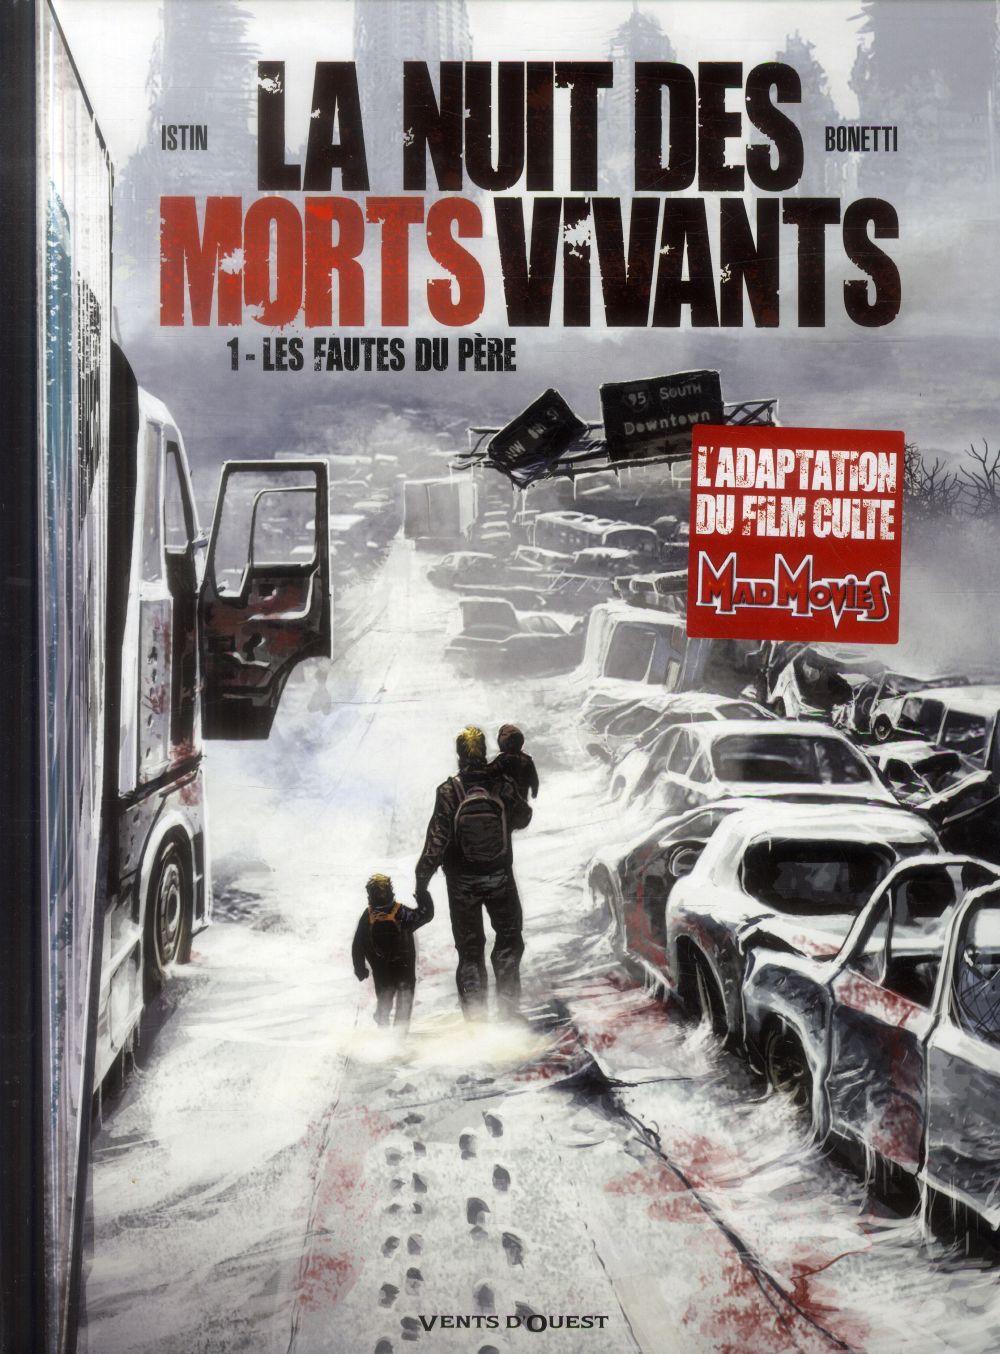 LA NUIT DES MORTS-VIVANTS - TOME 01 - LES FAUTES DU PERE Istin Jean-Luc